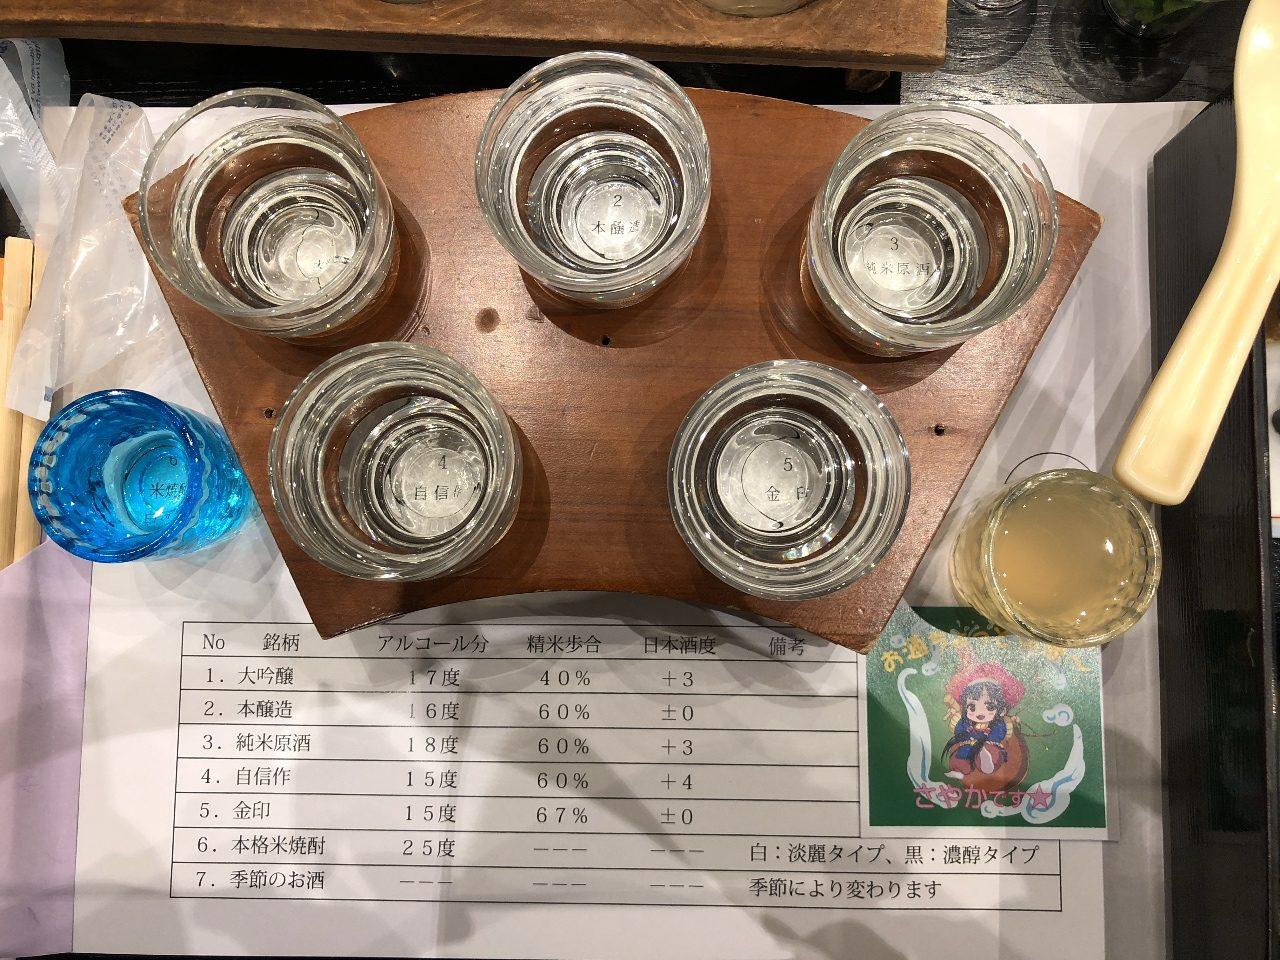 進化した【清瀧酒造 蔵元見学ツアー】にリピート参加 コストパフォーマンス抜群、一大エンターテイメント 僕のおススメです